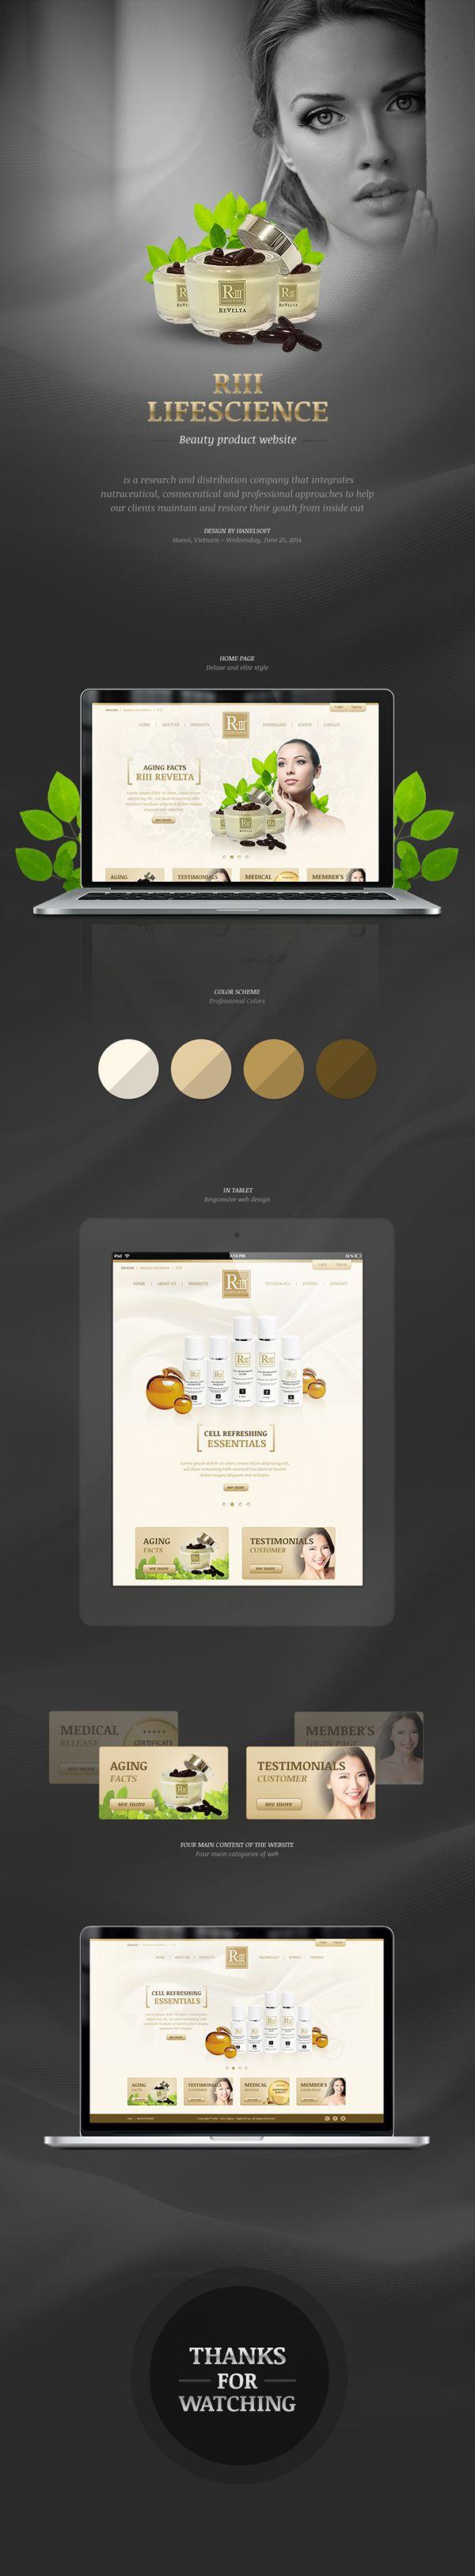 https://www.behance.net/gallery/17902161/Web-UI-Cosmetic-Luxury Web UI Cosmetic Luxury